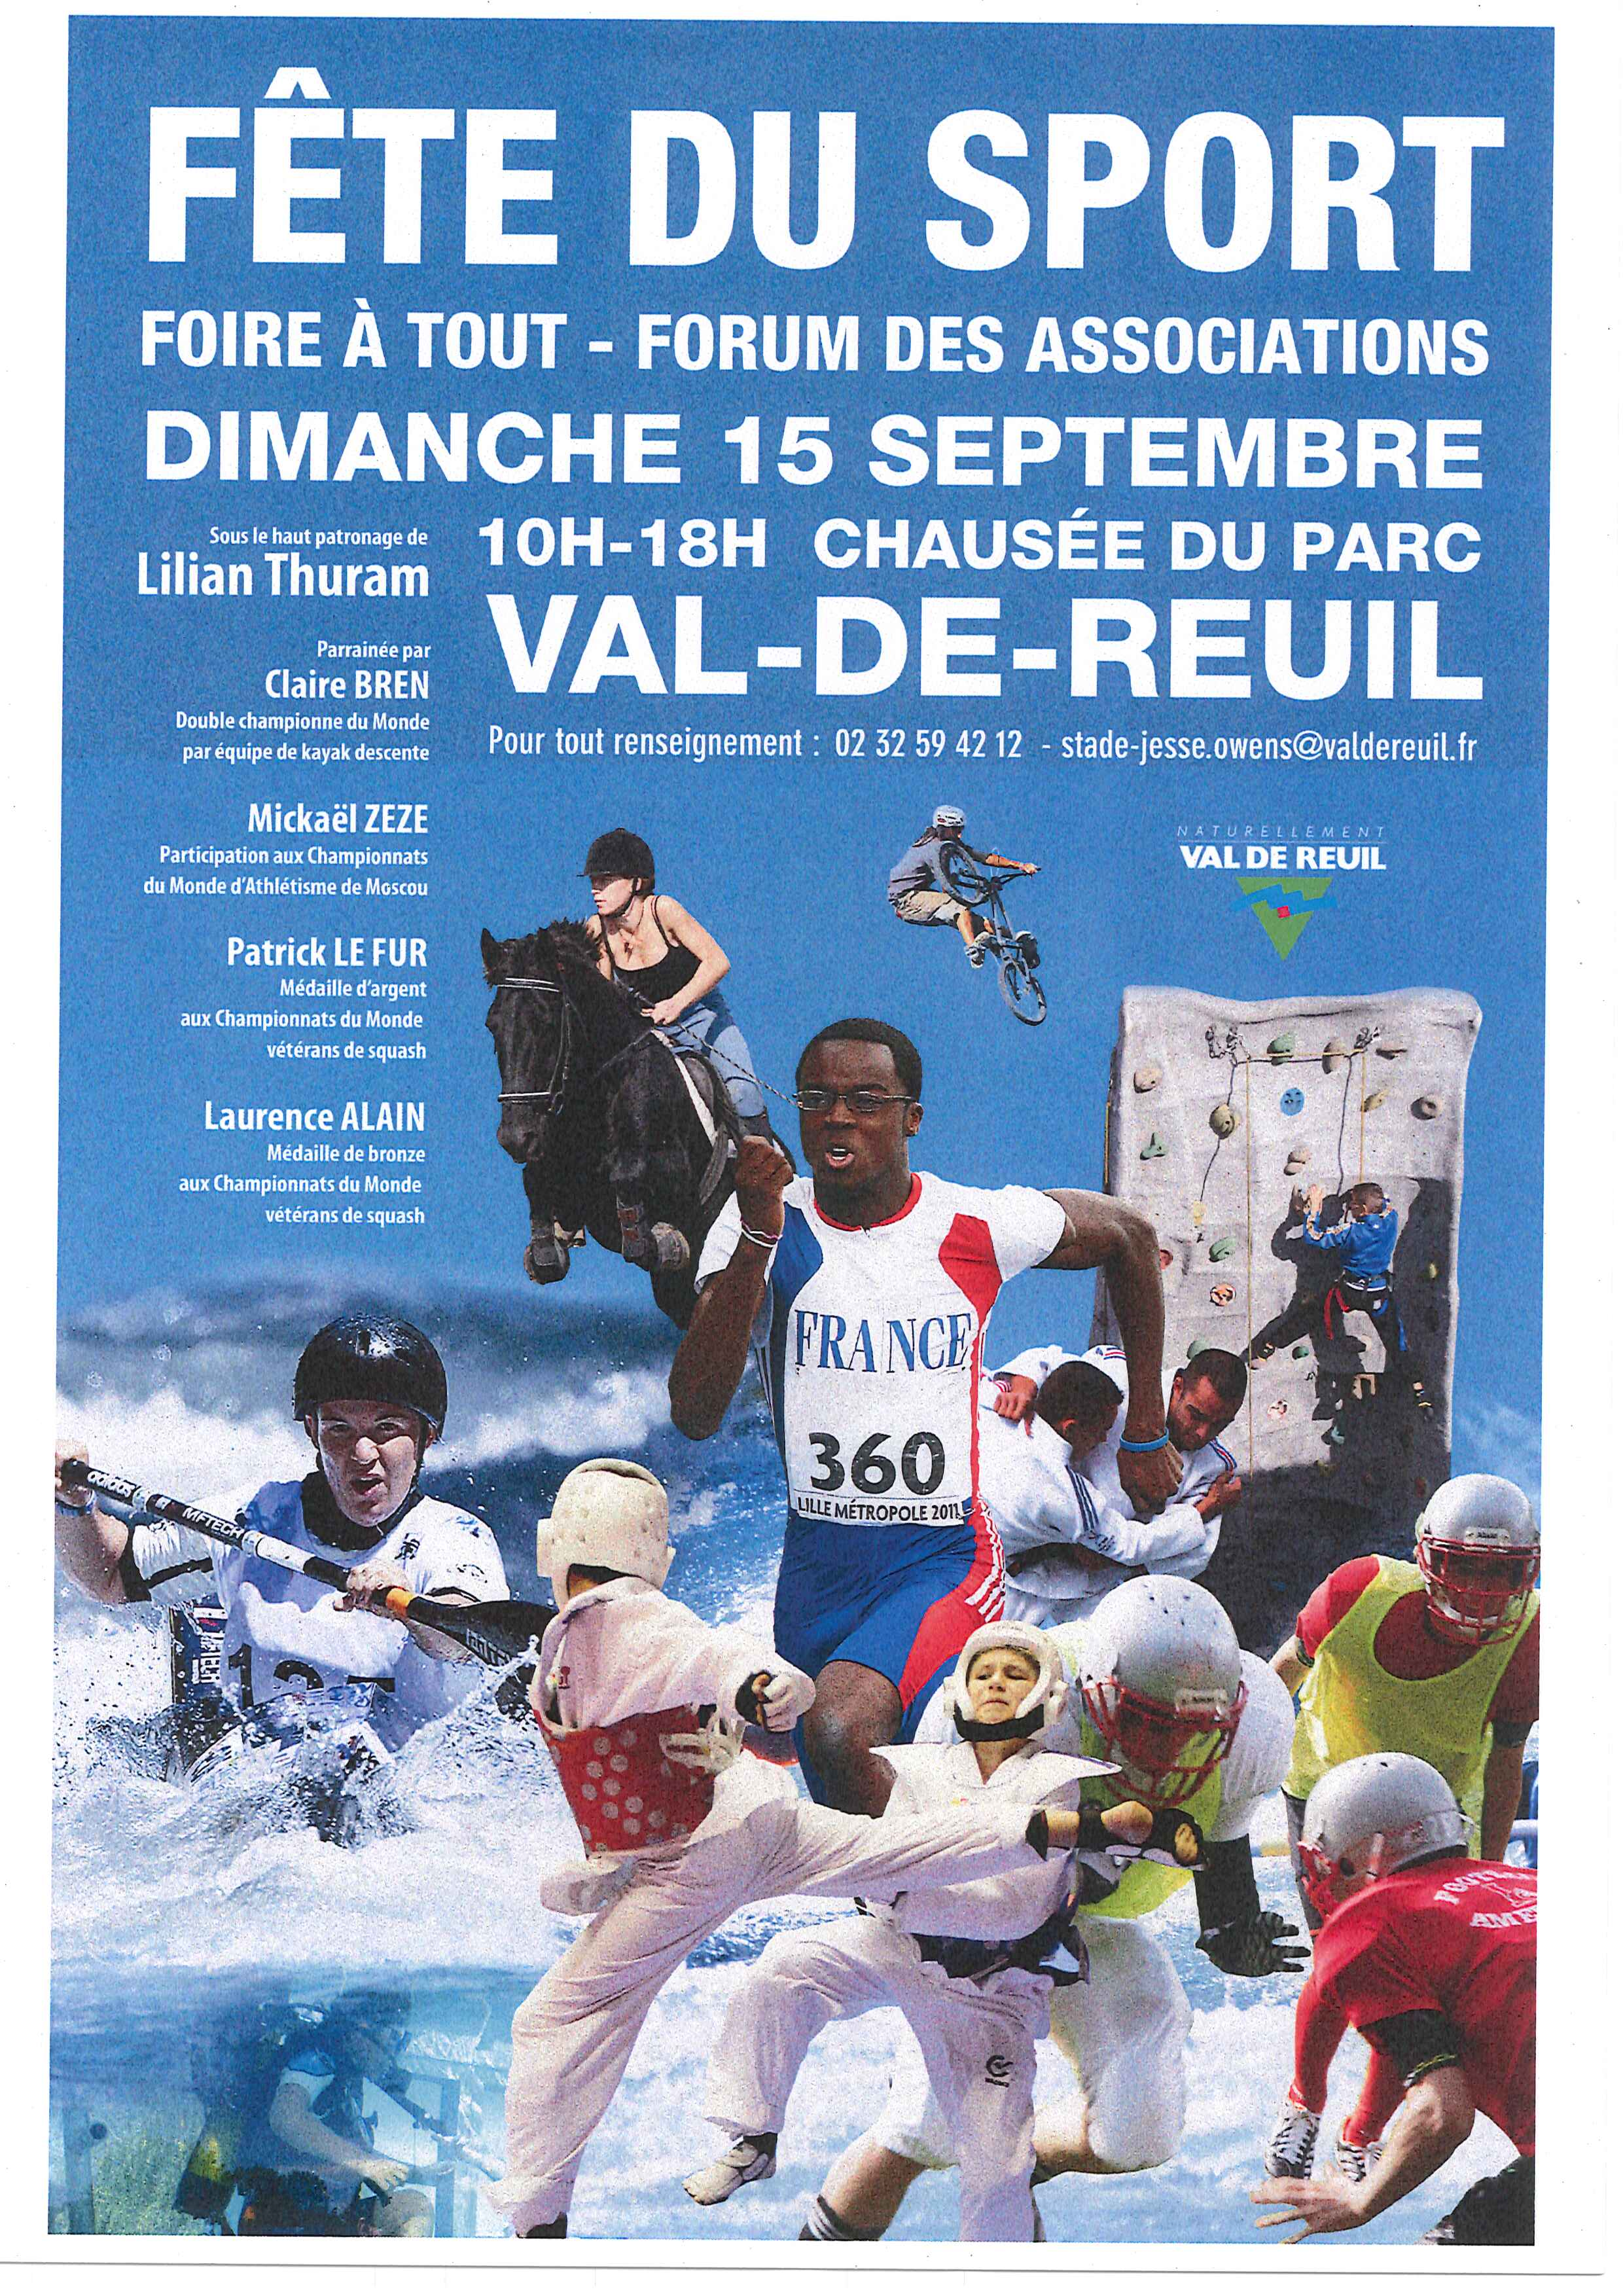 Fête du sport 2013  : venez nombreux !